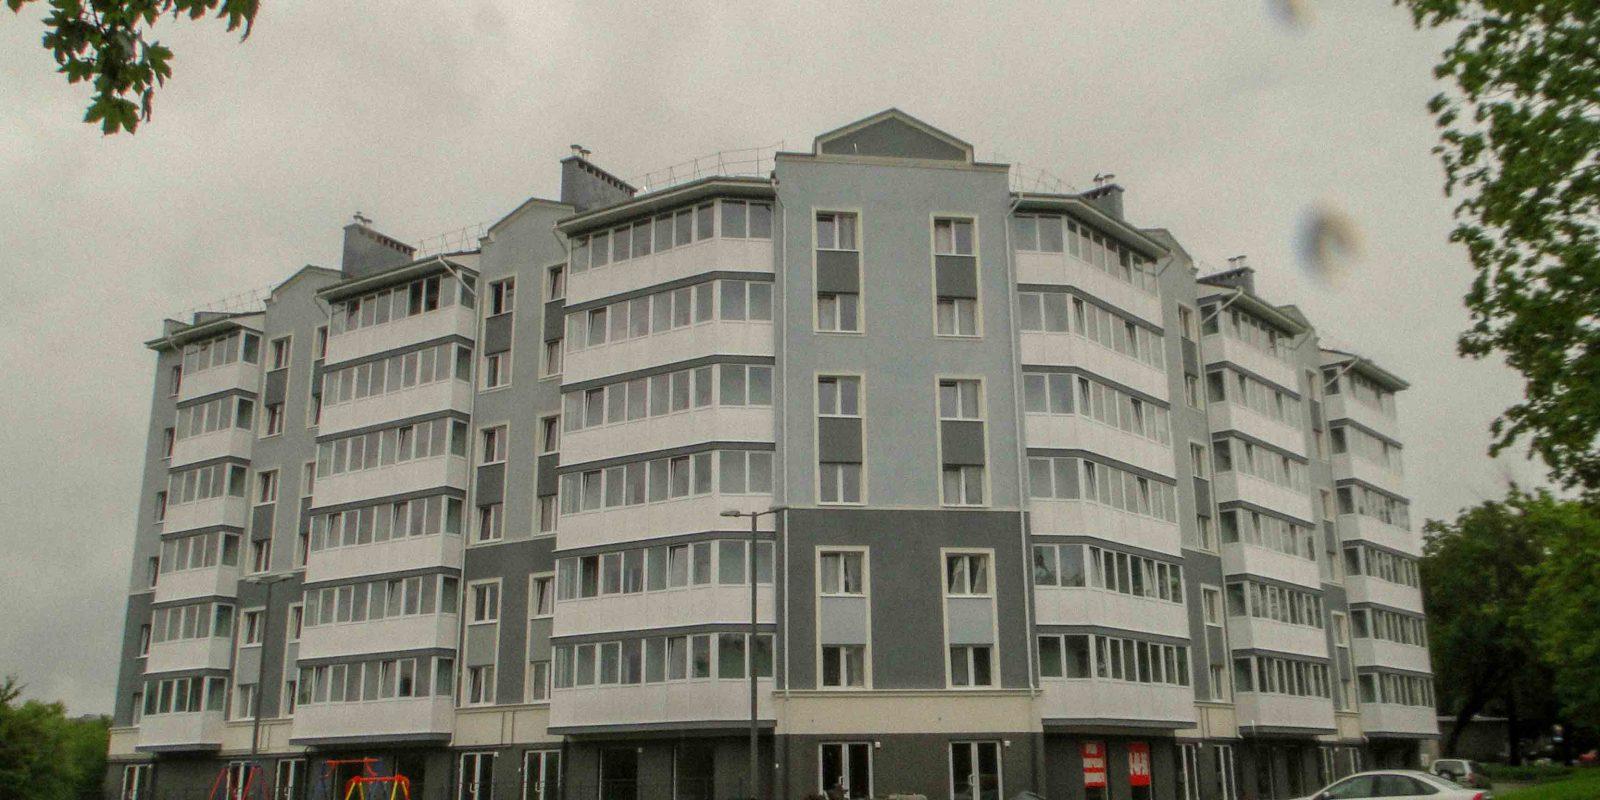 Приемка квартиры в новостройке, пр. Победы, д. 70Б